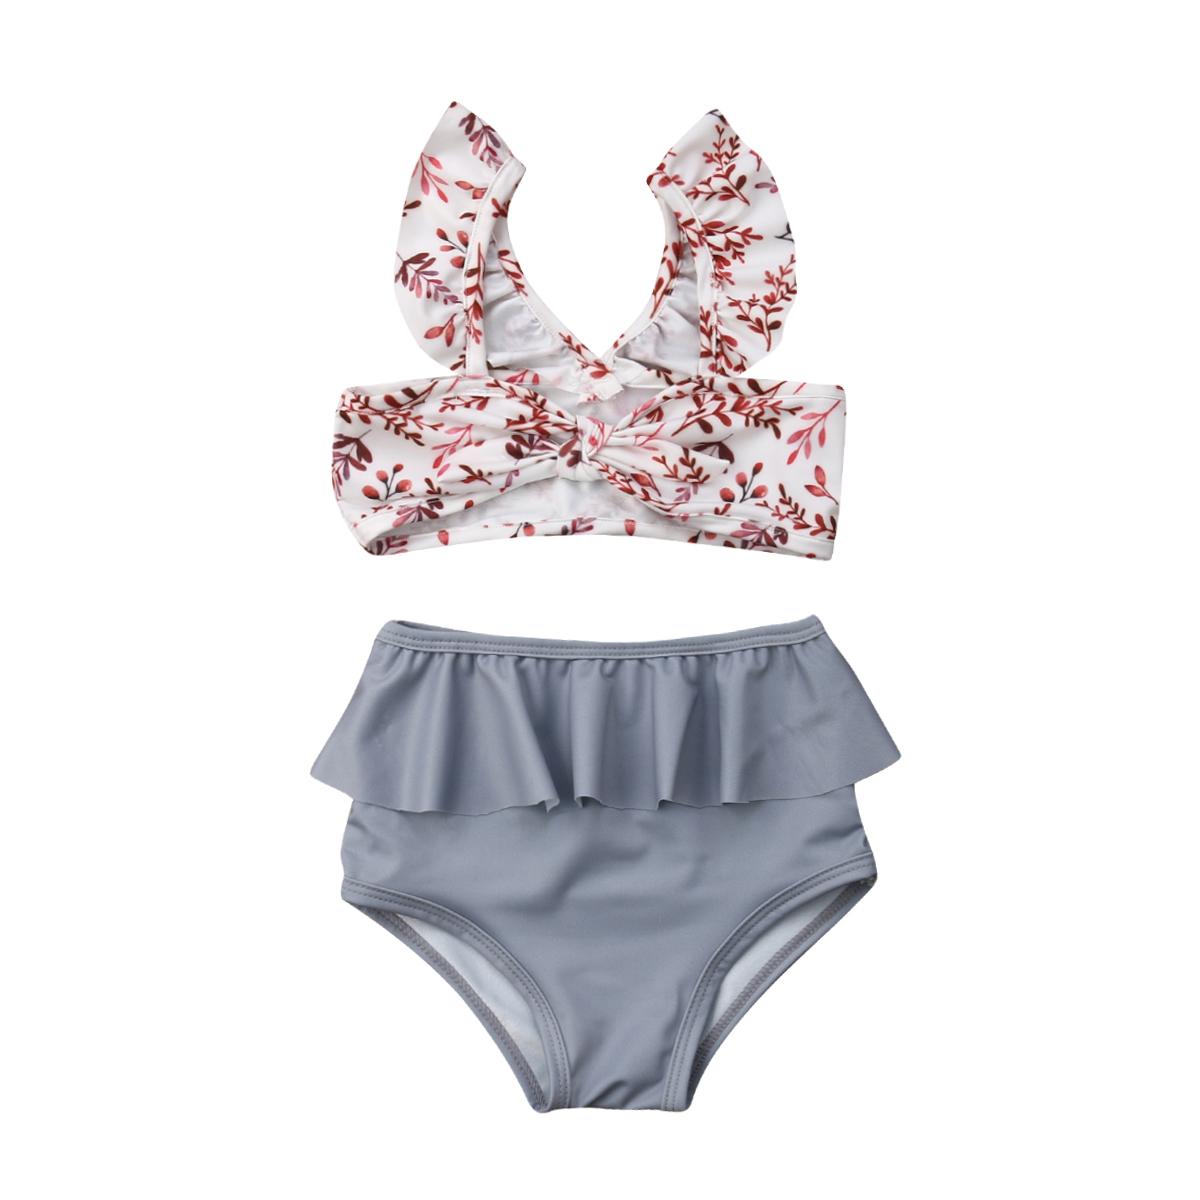 Лидер продаж, комплект из 2 предметов для маленьких девочек, Леопардовый цветочный принт, купальный костюм, бандаж, оборки, детский пляжный л... 16